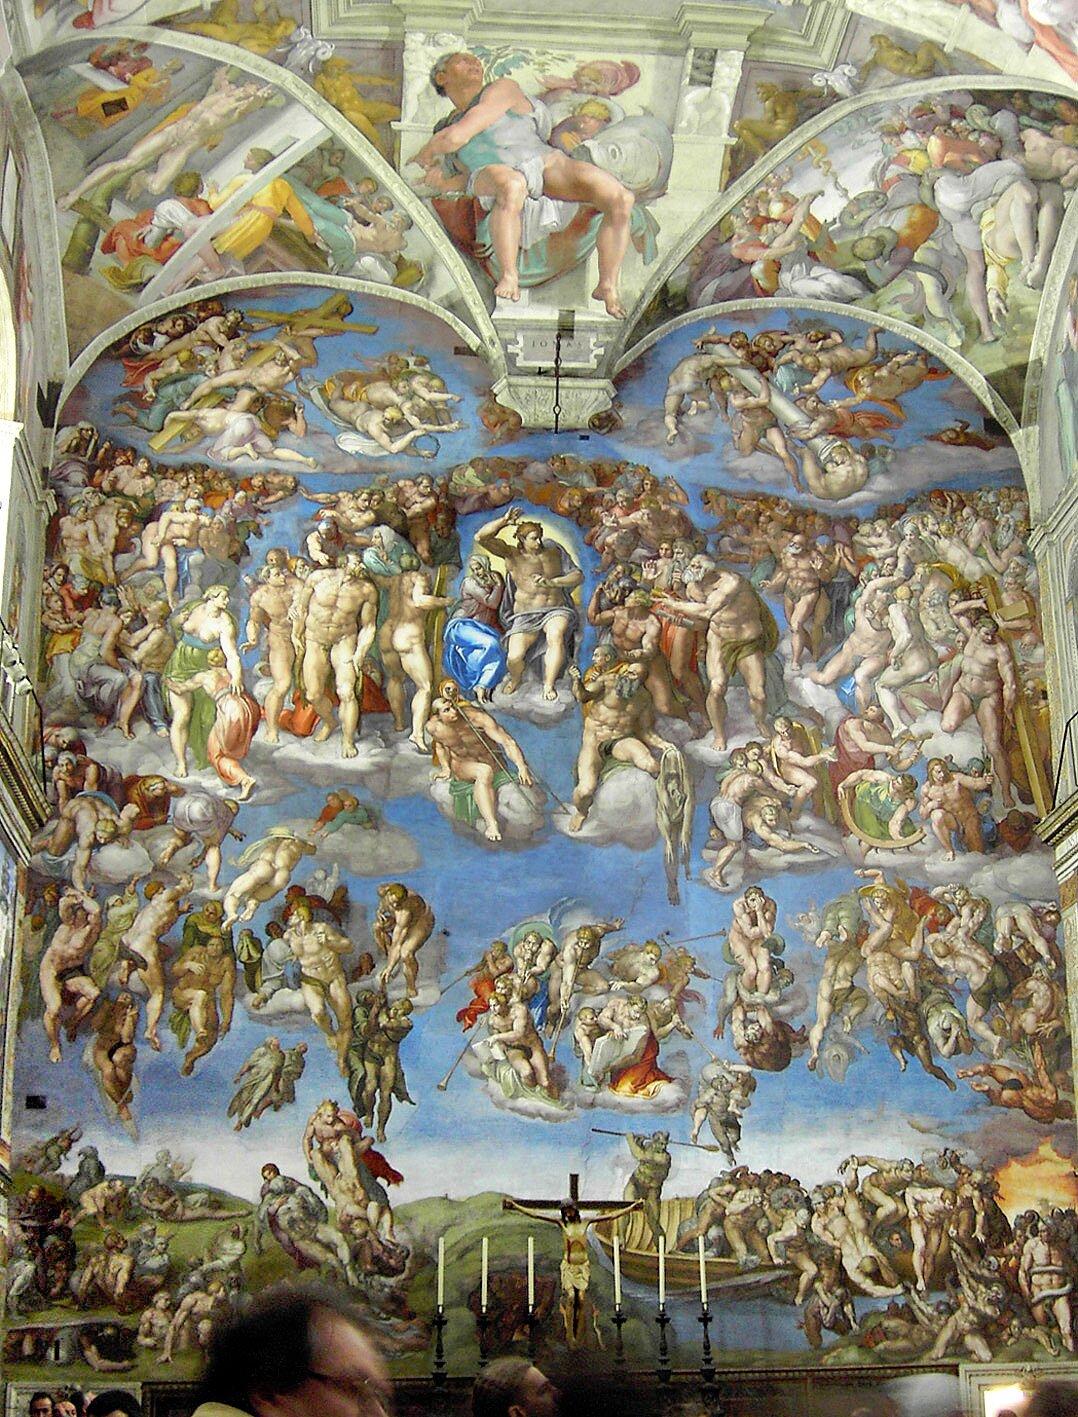 Sąd Ostateczny Źródło: Michał Anioł, Sąd Ostateczny, od 1536 do 1541, fresk, Kaplica Sykstyńska, domena publiczna.